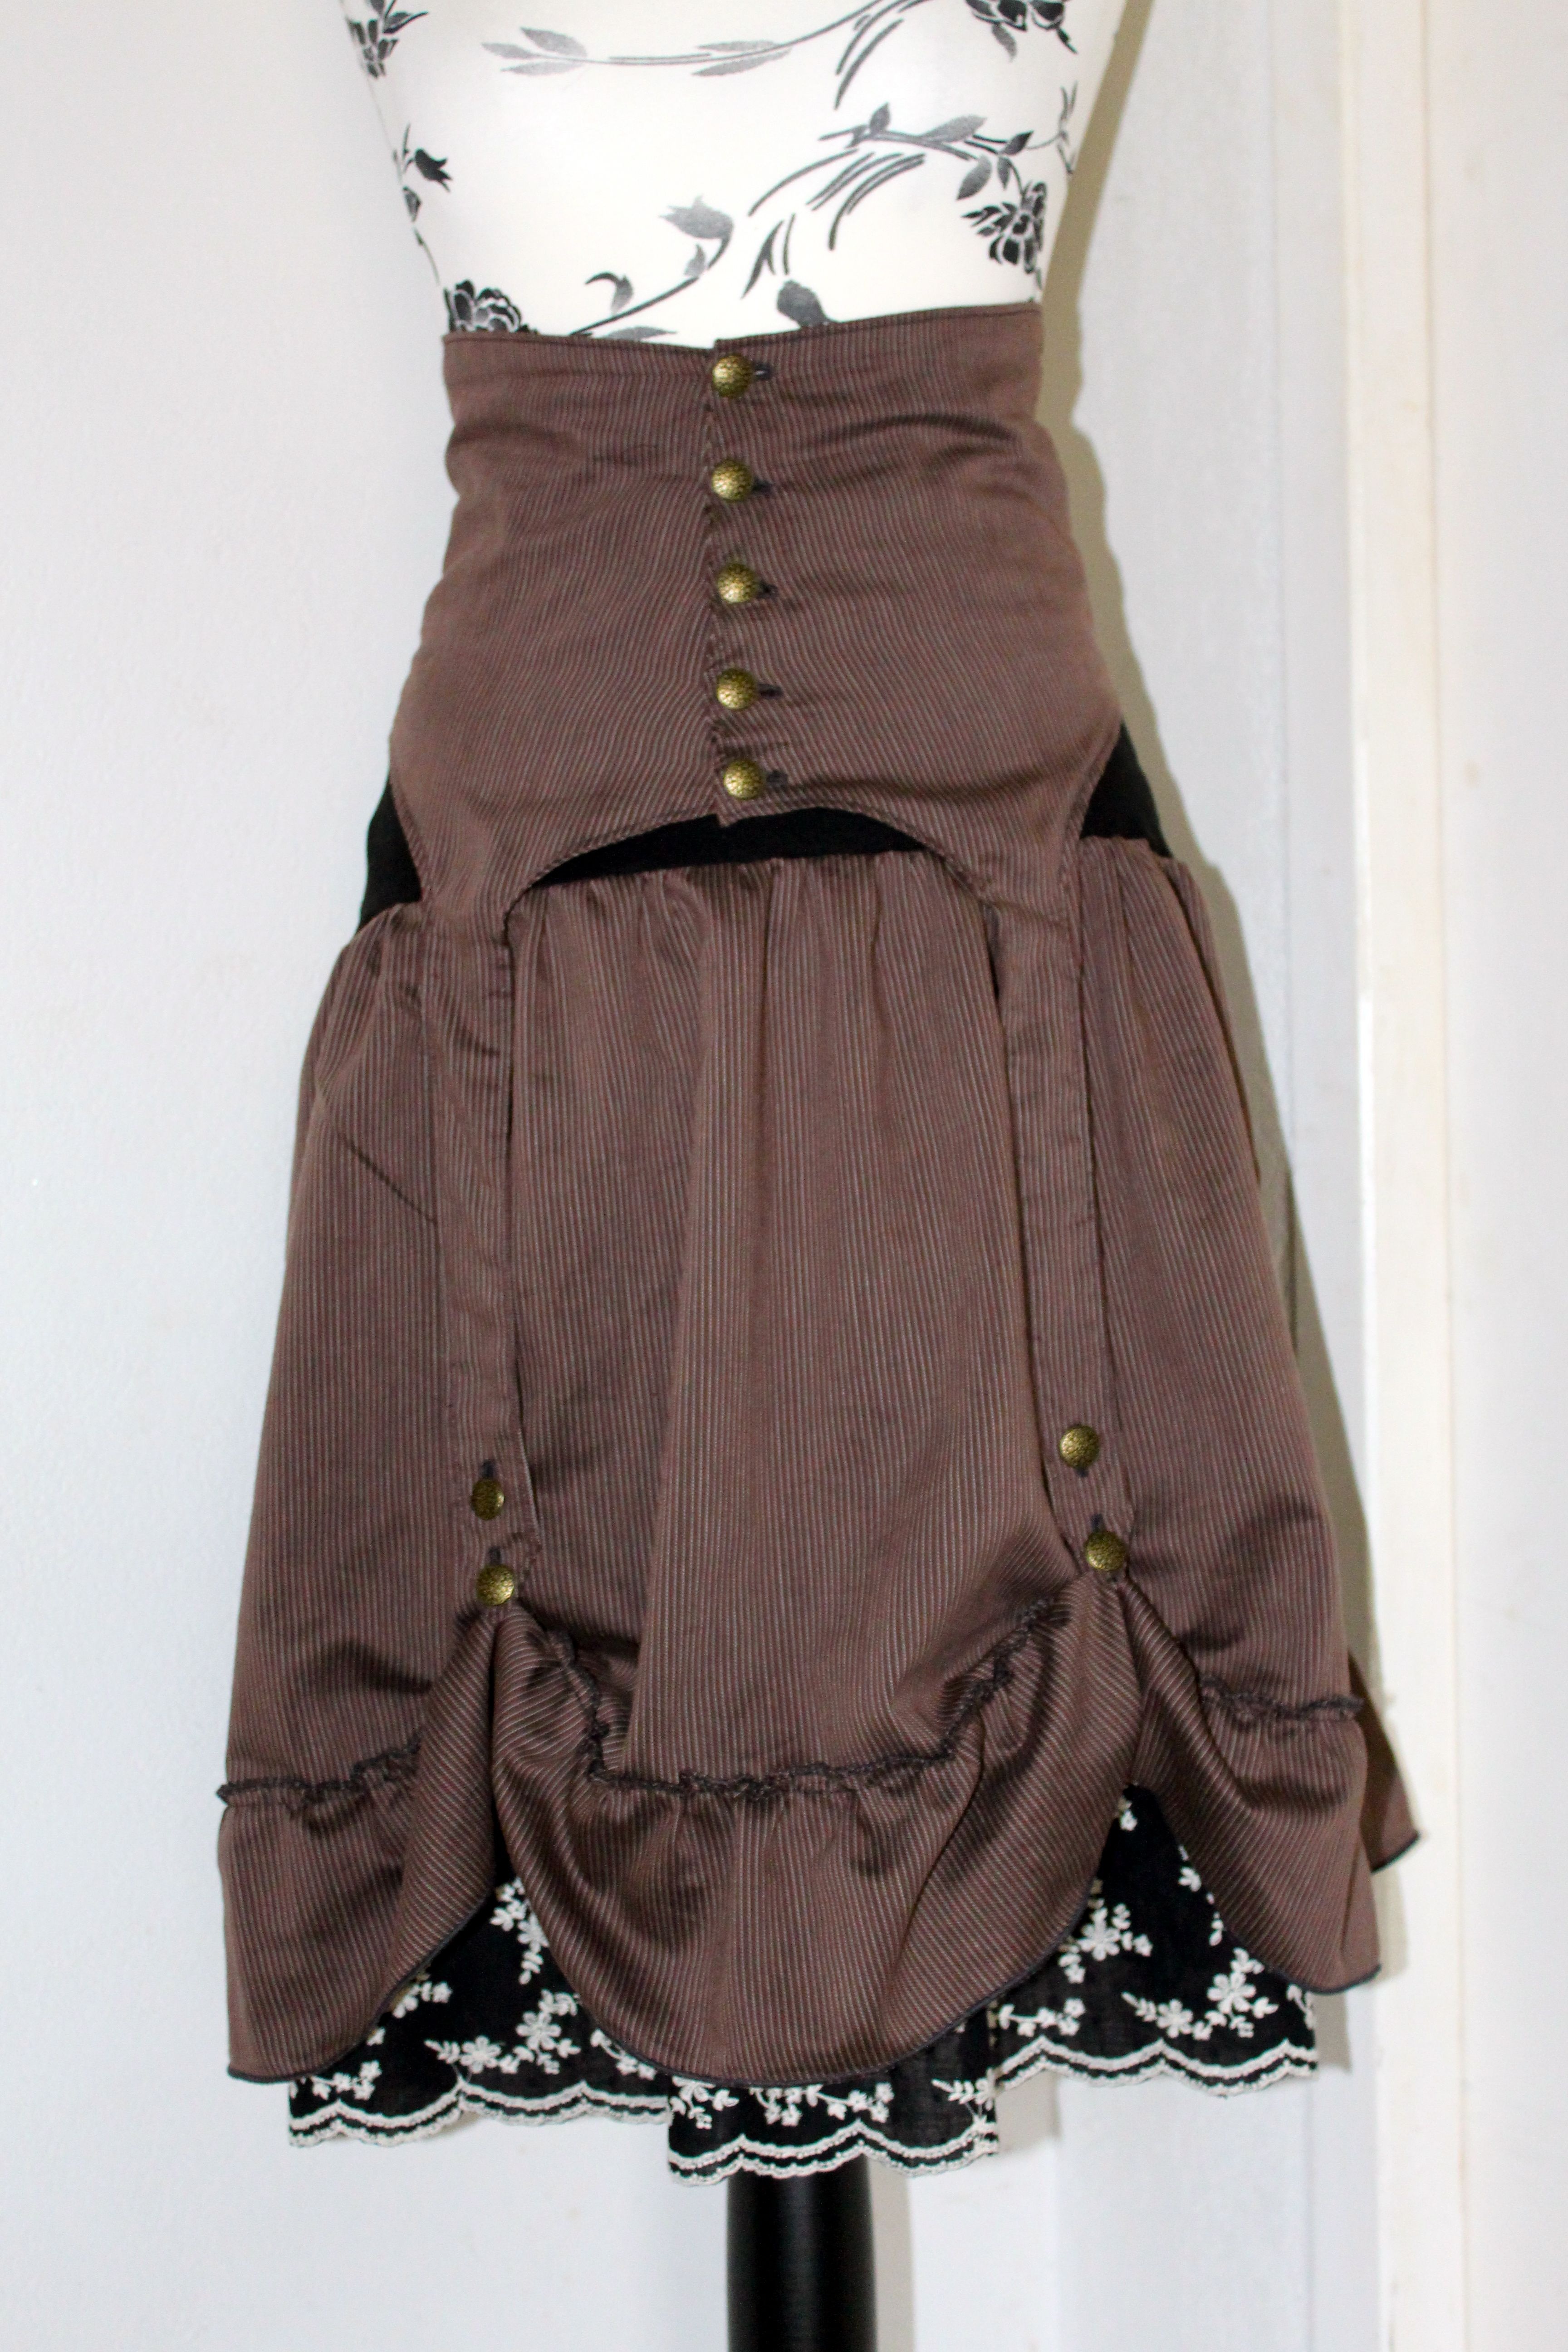 Ensemble steampunk jupe marron rayé avec son serre taille porte jarretelle qui laisse découvrir un jupon noir brodé de petites fleurs blanche sous la jupe. Création de Noeden/facebook